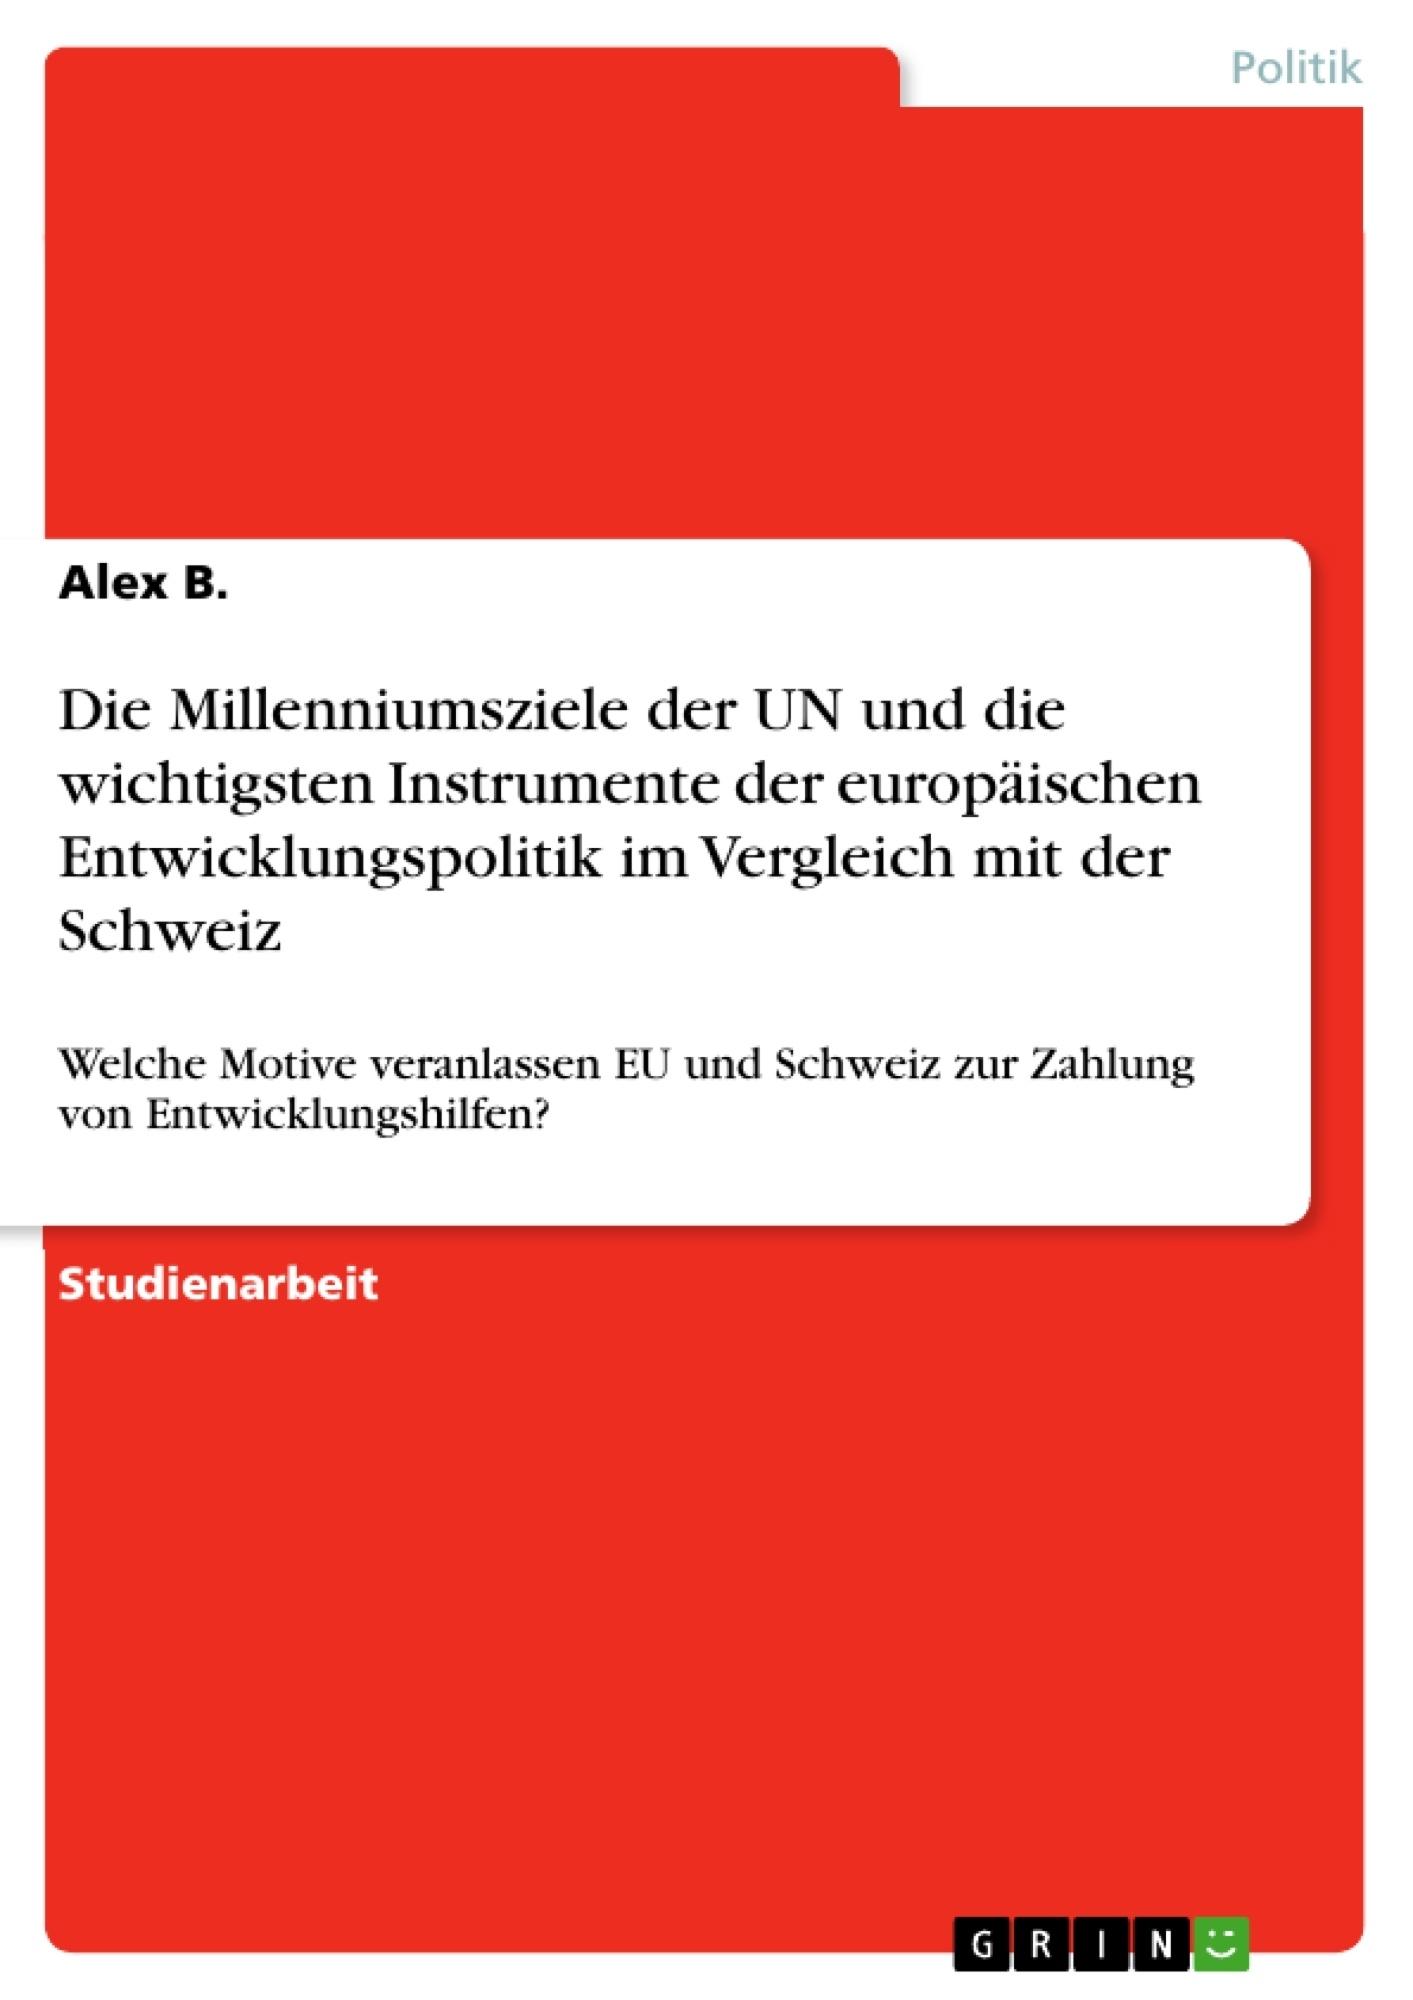 Titel: Die Millenniumsziele der UN und die wichtigsten Instrumente der europäischen Entwicklungspolitik im Vergleich mit der Schweiz